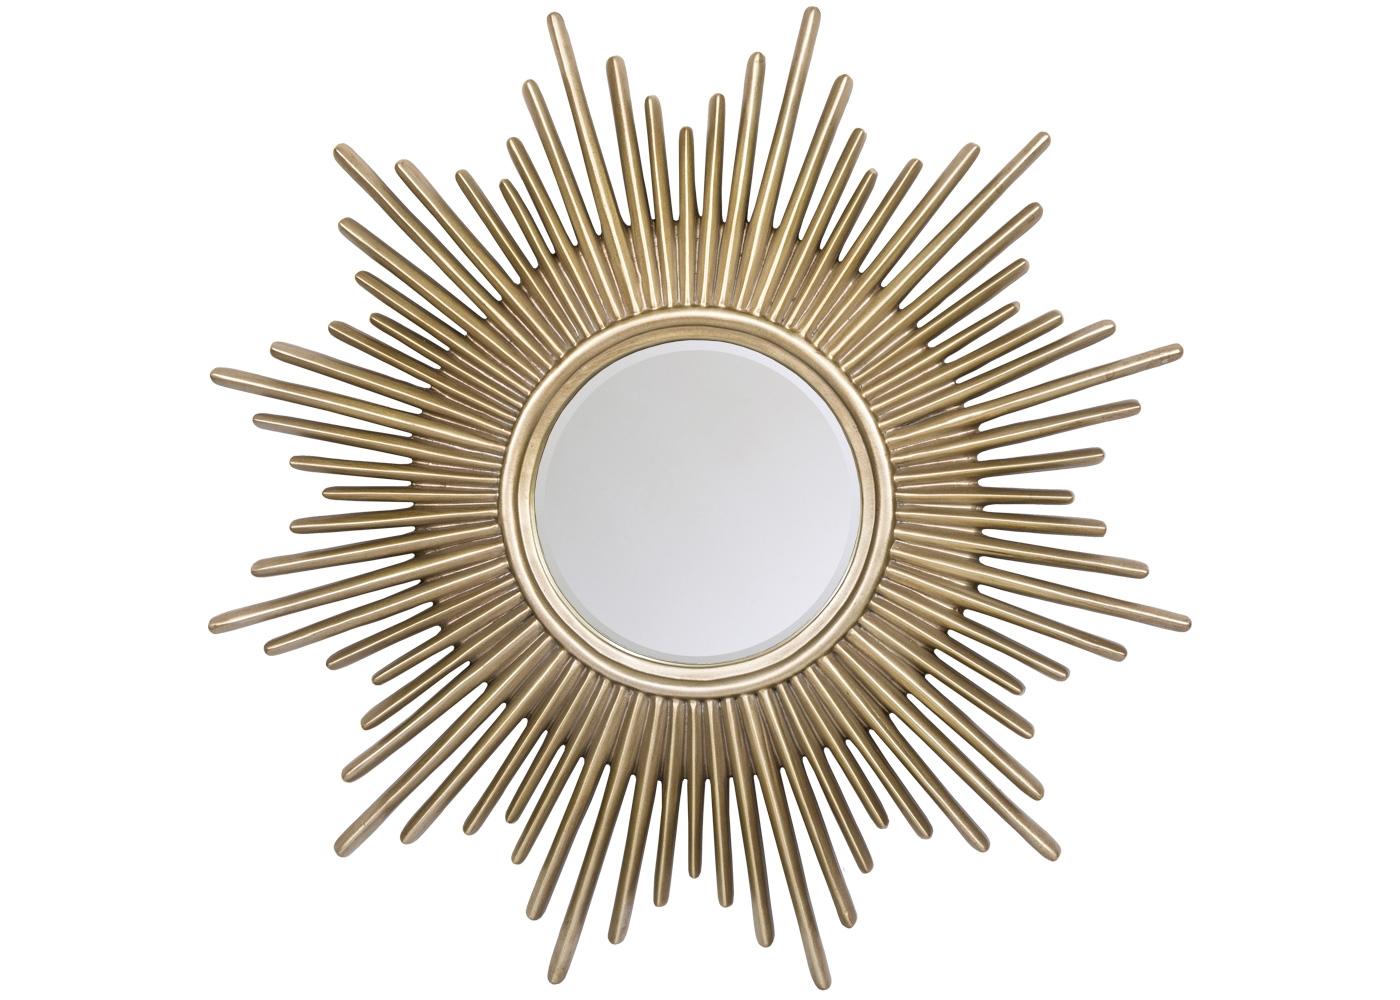 Настенное зеркало «Монтгомери»Настенные зеркала<br>Популярность зеркал в форме солнца и звезды объясняется не только сегодняшней интерьерной модой. Мягкий золотистый оттенок и идеальная симметрия приветствуют их любым из домашних помещений, довольных гармонией цвета и позитивным настроением. Зеркальное ядро опоясано тонкой фацетной гранью, играющей золотистыми отблесками лучезарной оправы. Рама изготовлена из полиуретана, - экологически безвредного, прочного и долговечного материала.<br><br>Material: Полиуретан<br>Ширина см: 91.0<br>Высота см: 91.0<br>Глубина см: 3.5